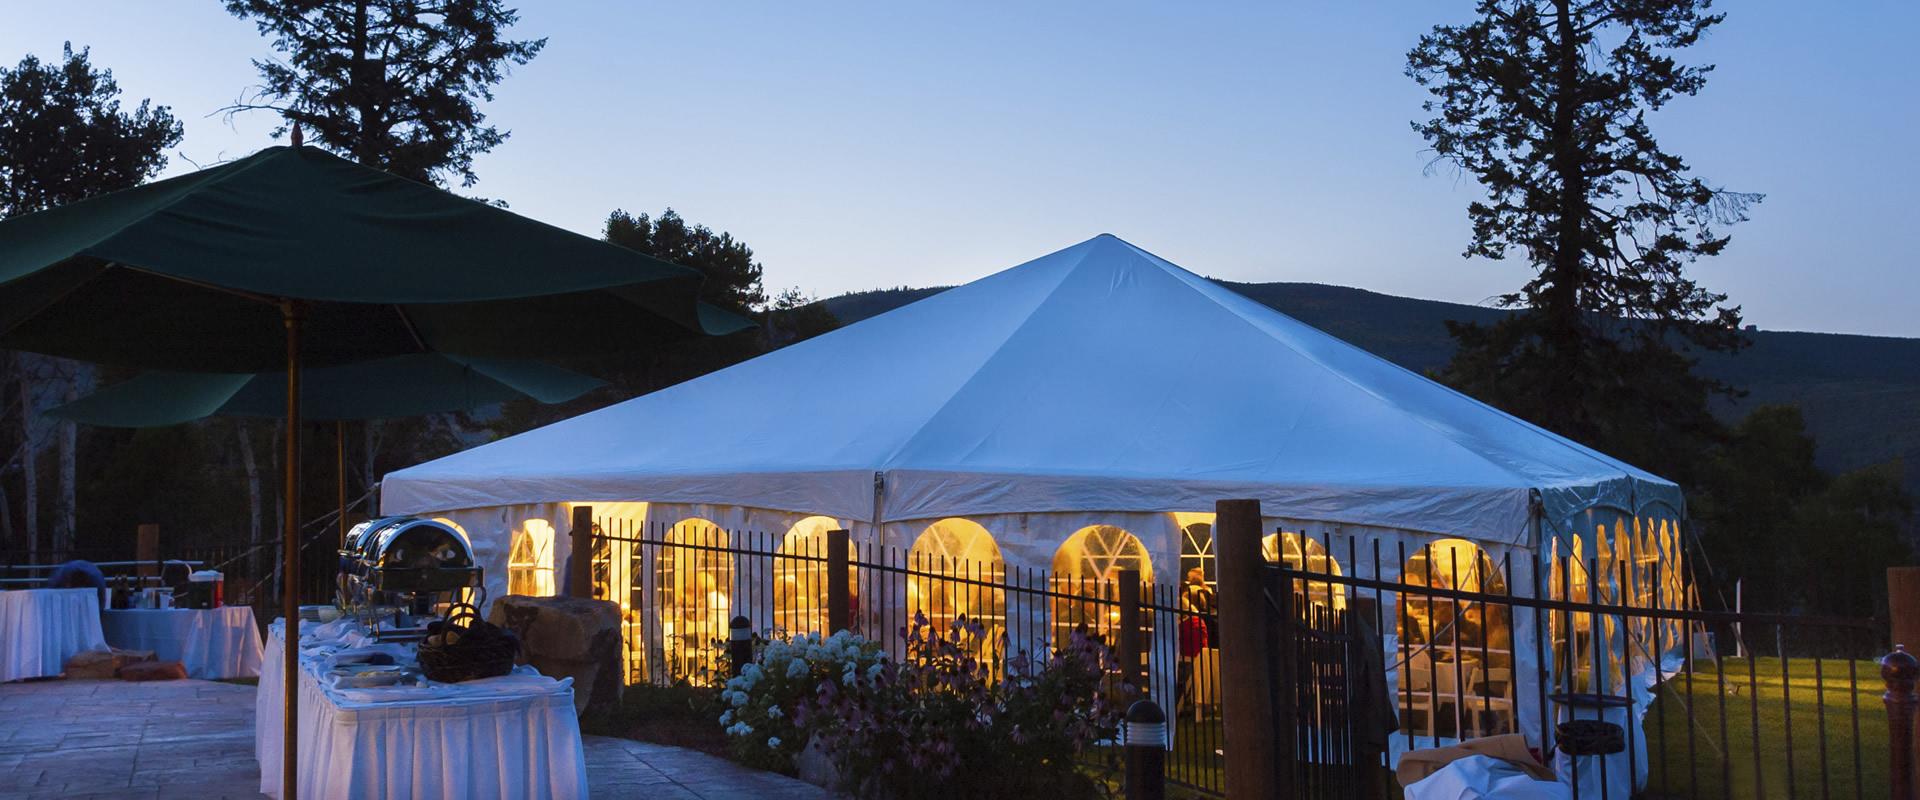 corp-tent-night